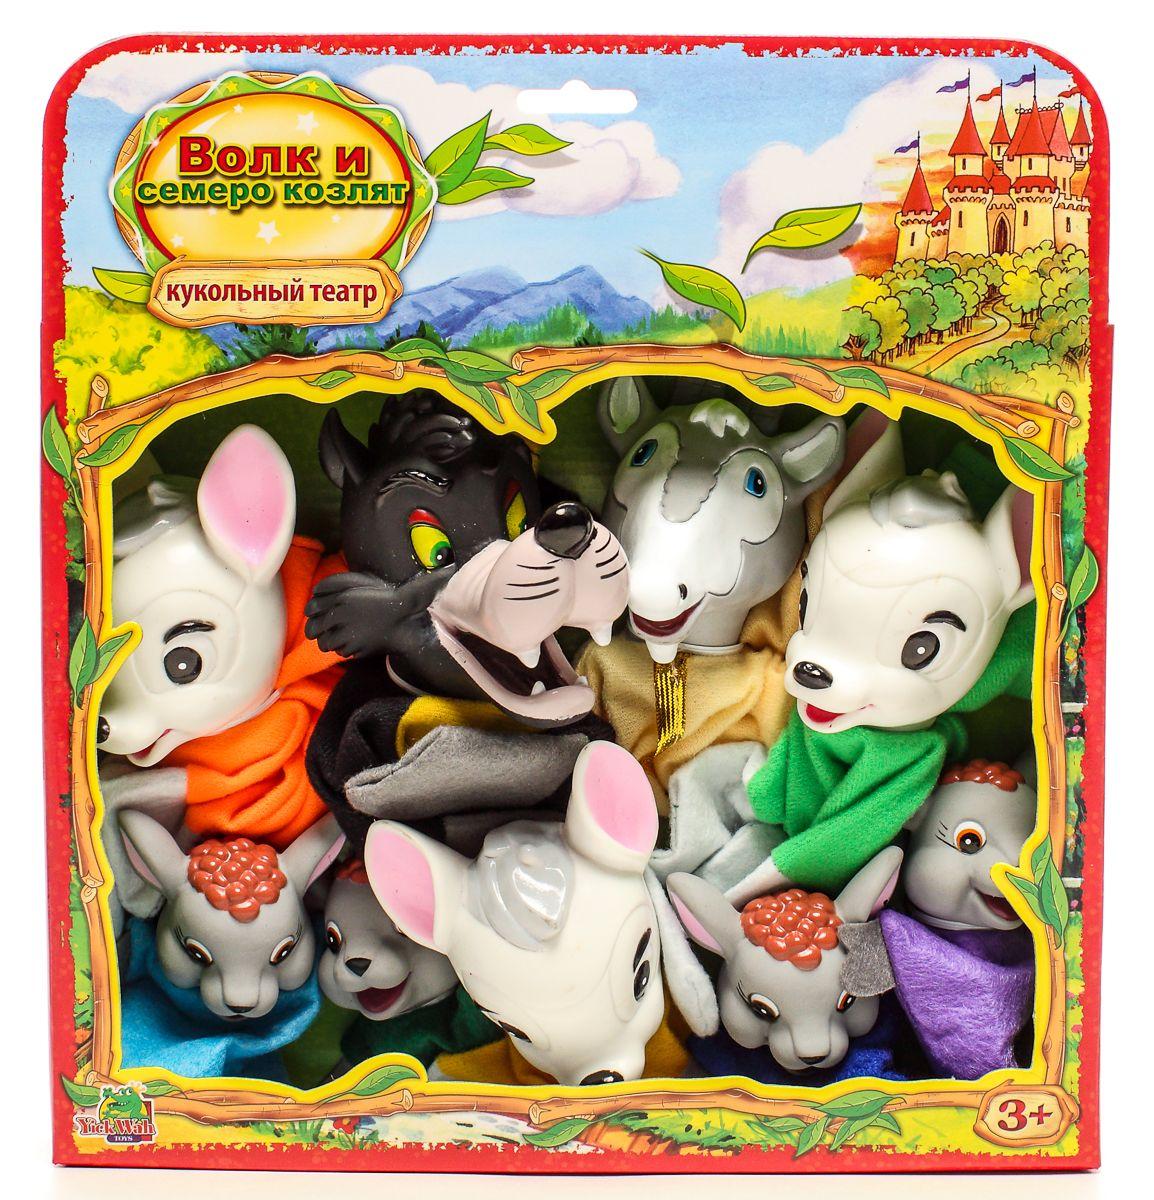 Yick Wah Кукольный театр Волк и семеро козлят7162/3SКукольный театр создан на основе всем известной сказки.Набор состоит из 7-и кукол-марионеток большого размера,одевающихся на кисть руки.Куклы обладают высокой прочностью,безопасностью.Доставляют малышам масс приятных и радостных эмоций